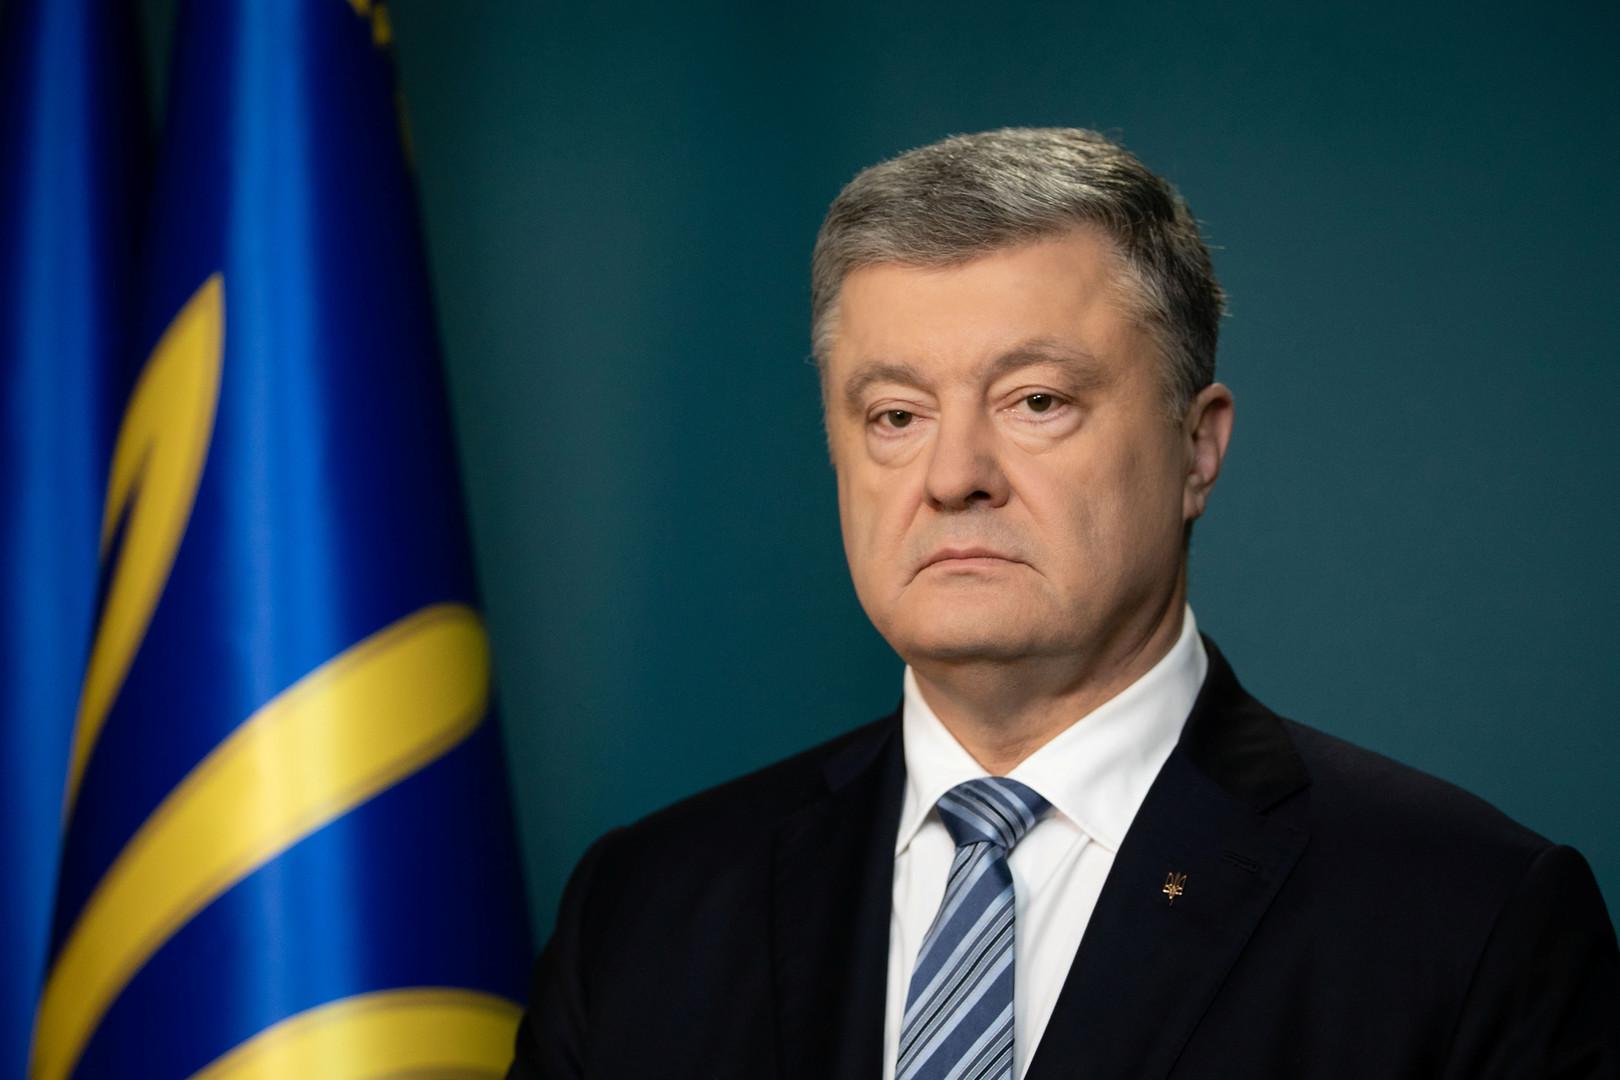 أوكرانيا.. فتح 11 قضية جنائية بحق بوروشينكو وأعضاء فريقه